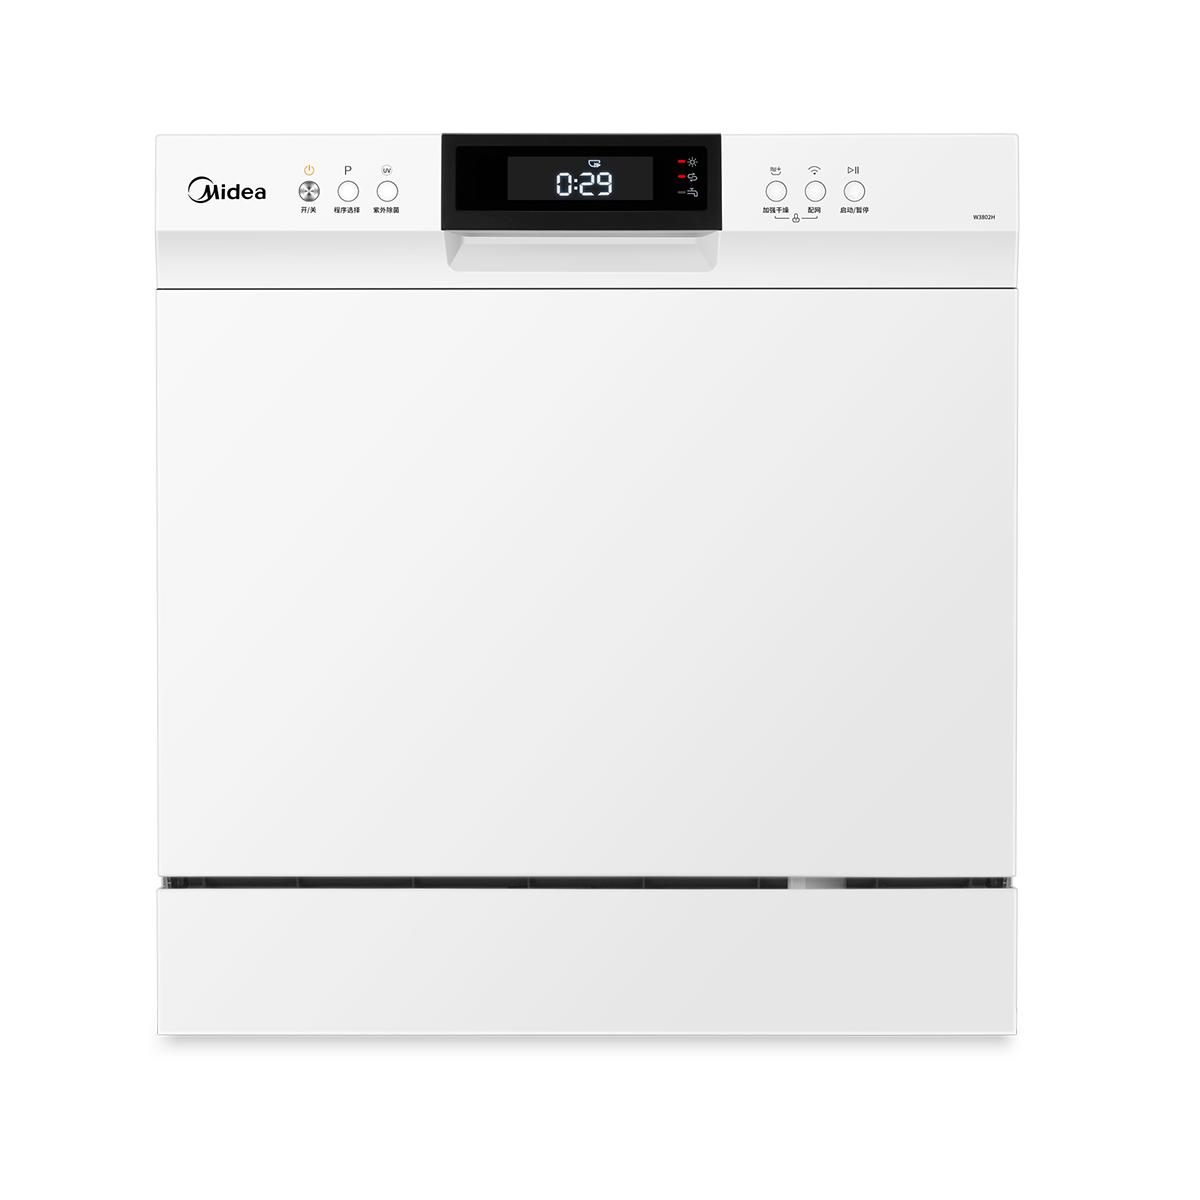 Midea/美的 WQP8-W3802H-CN洗碗机 说明书.pdf